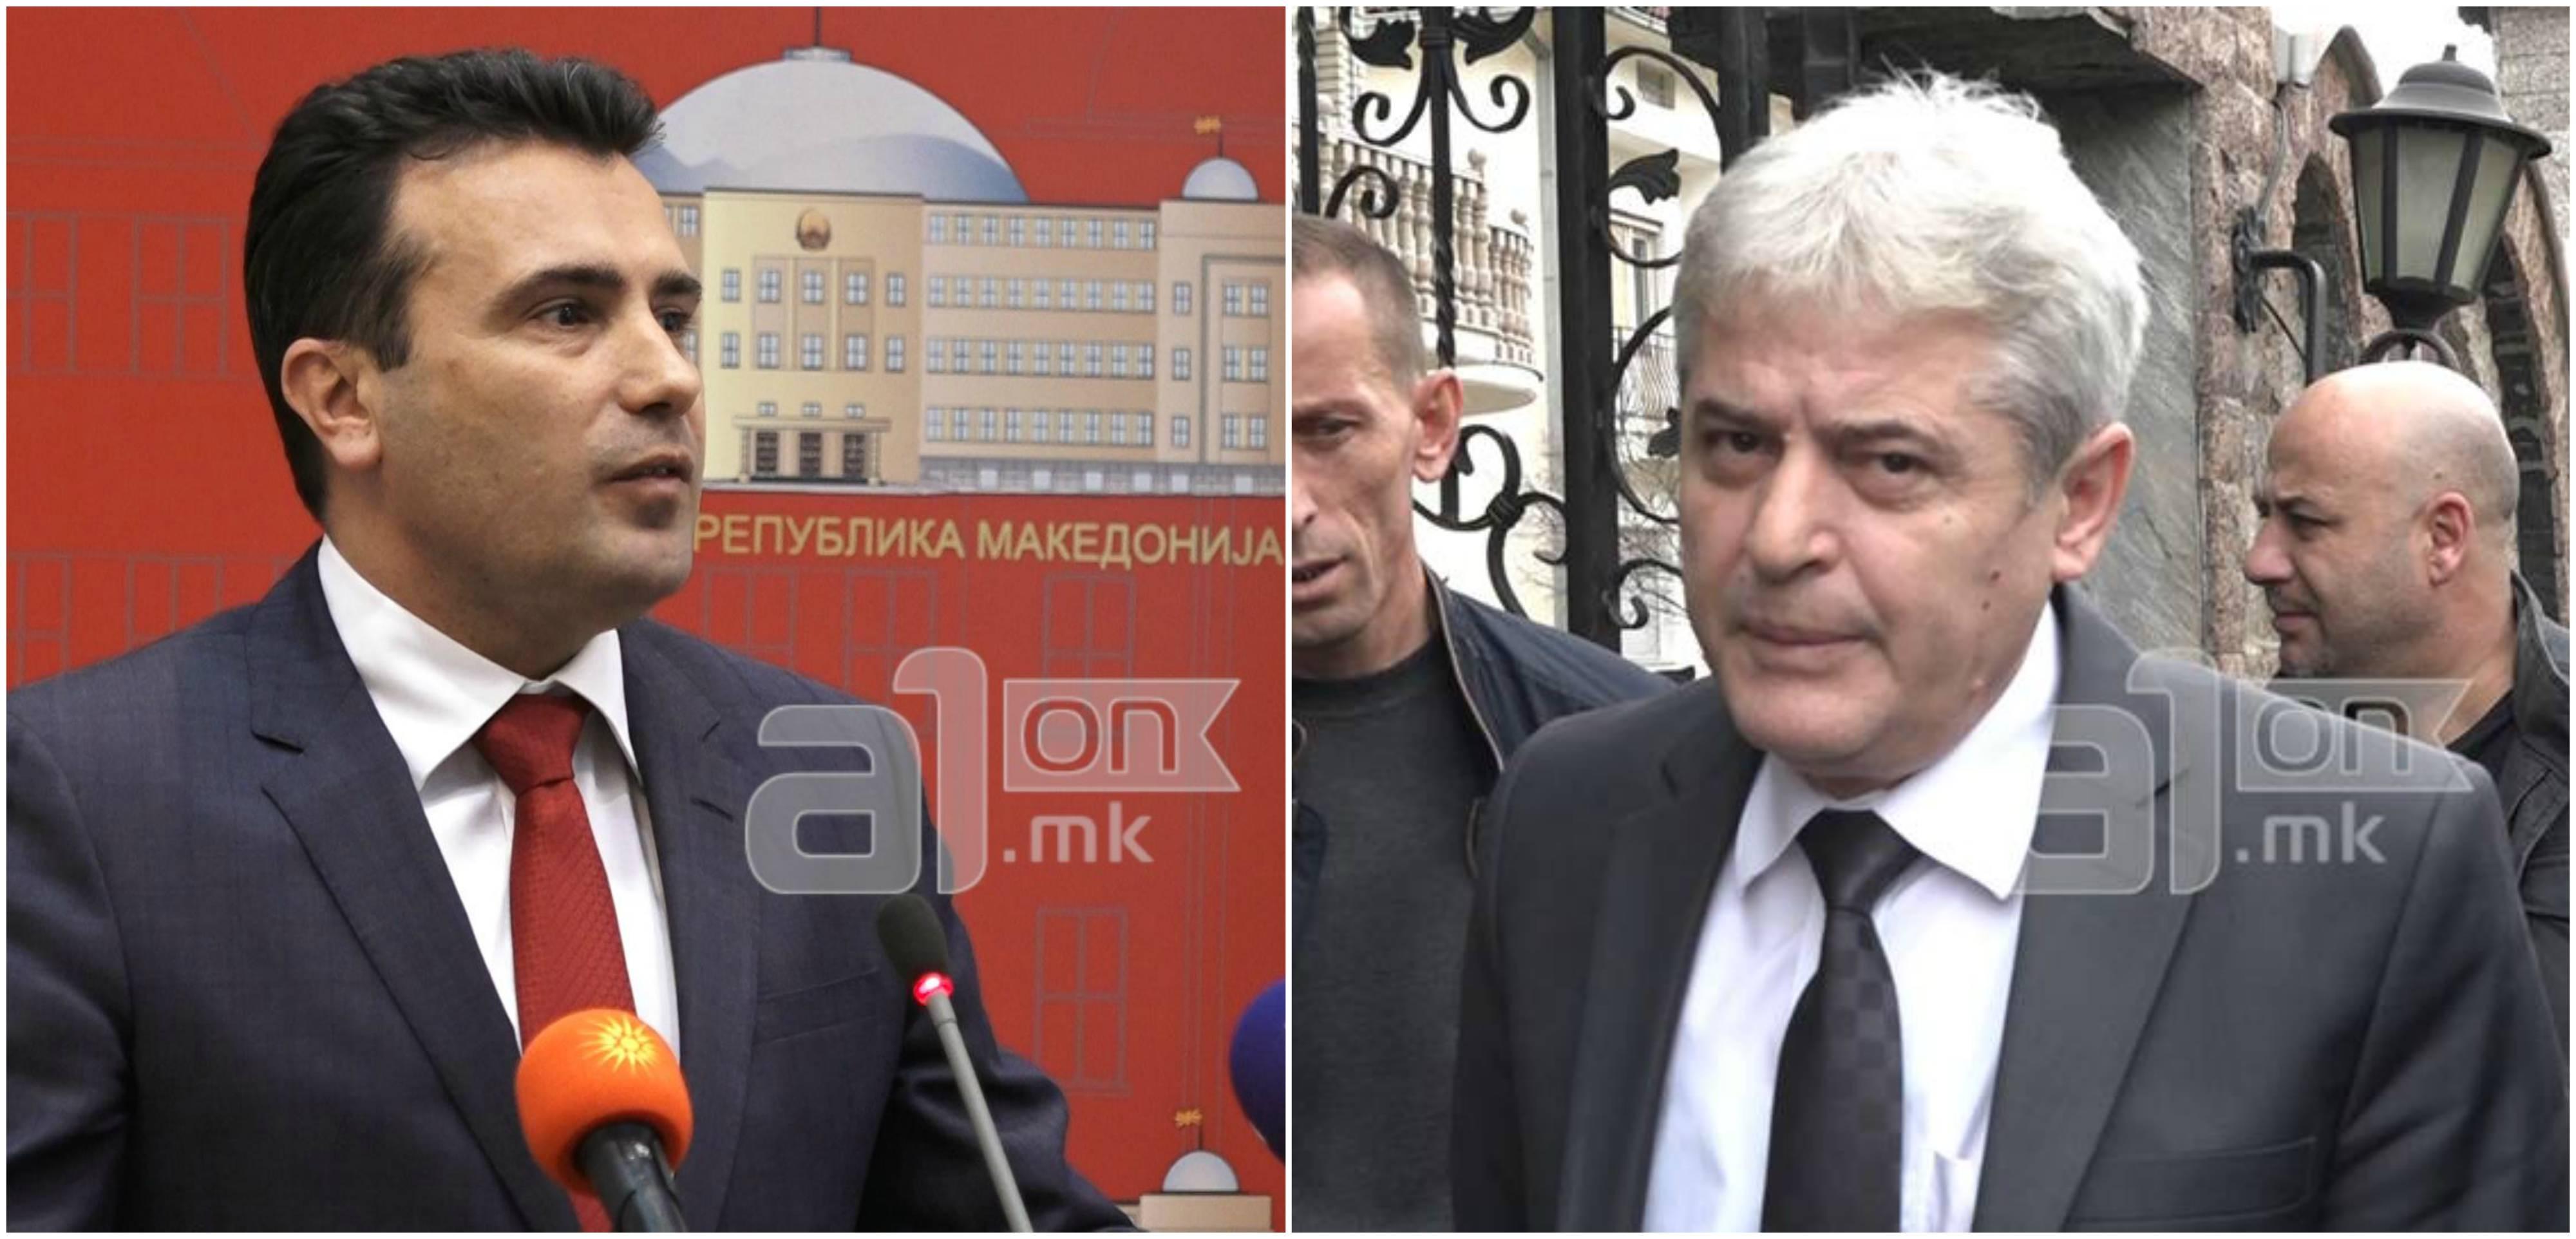 Средба Заев Ахмети за принципите на соработка  реформската Влада и евро атланстките интеграции